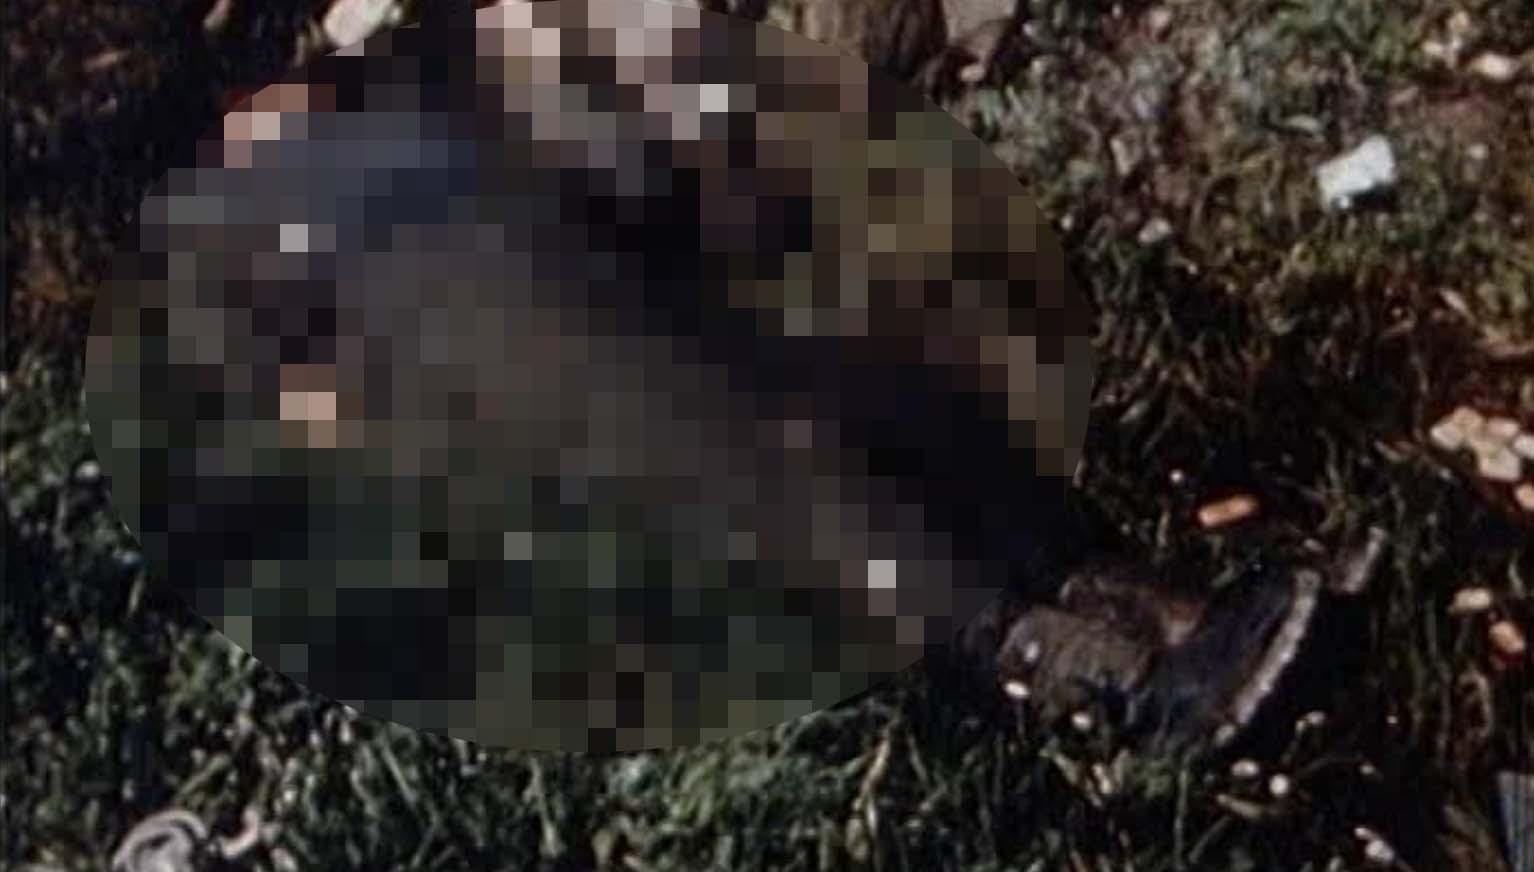 FOTOD SÜNDMUSKOHALT | Türisalu pangalt leiti surnukeha, mille kõrval oli relv